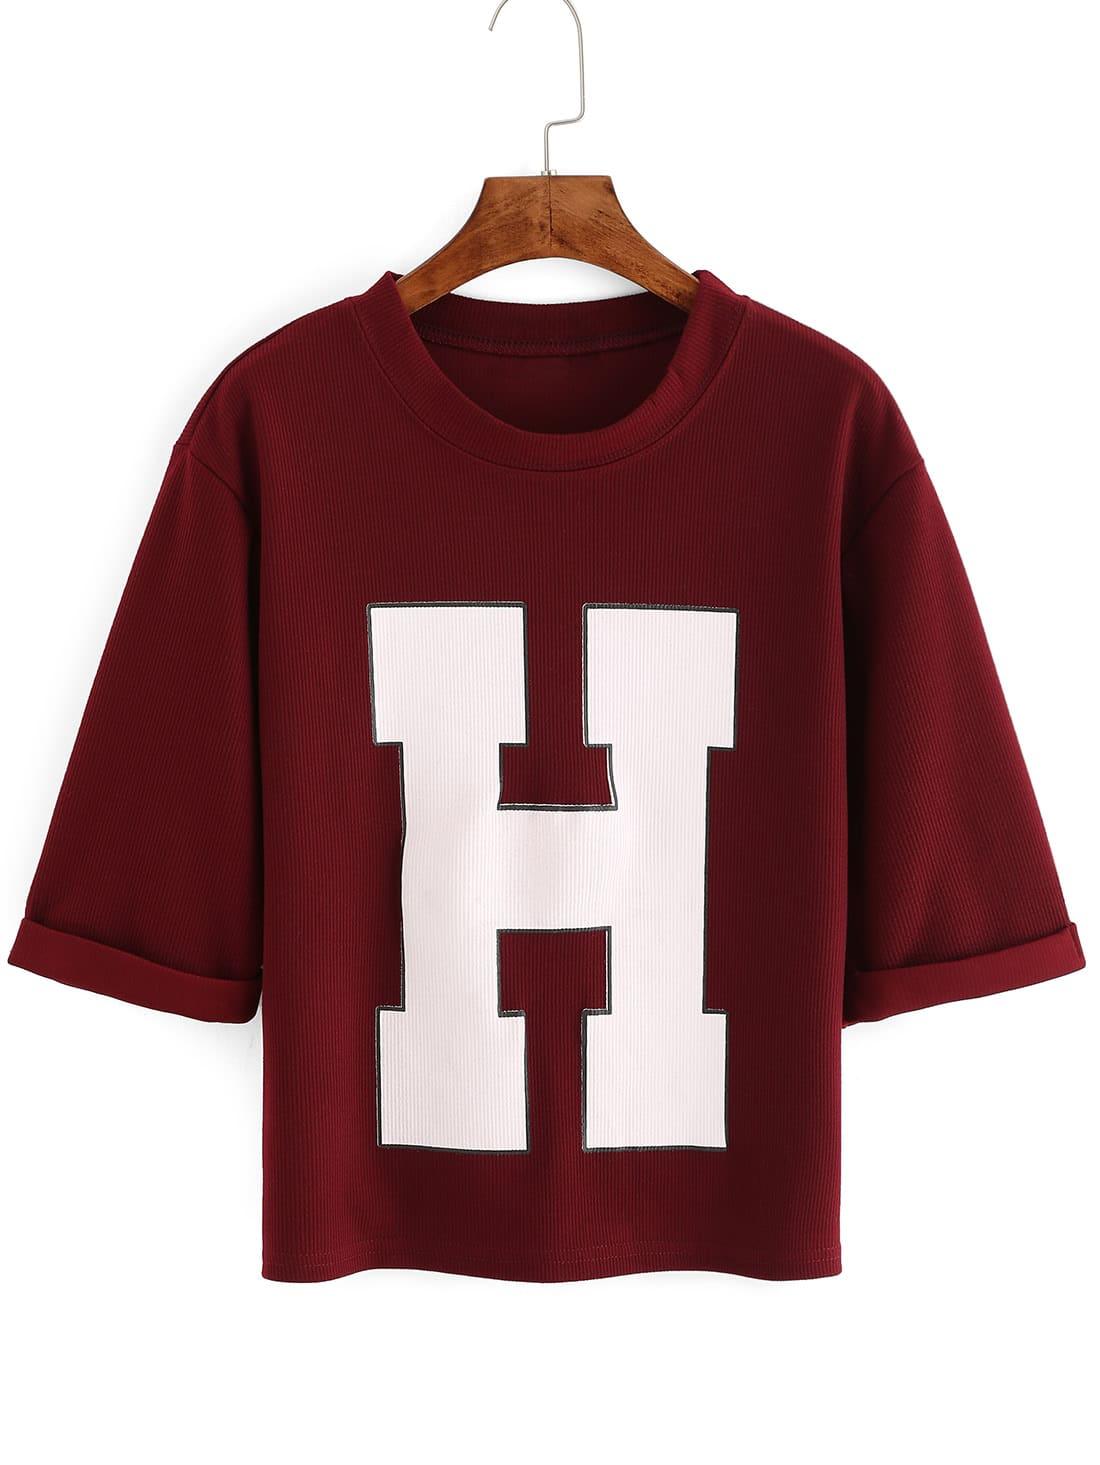 Фото Red Short Sleeve H Print Crop T-Shirt. Купить с доставкой